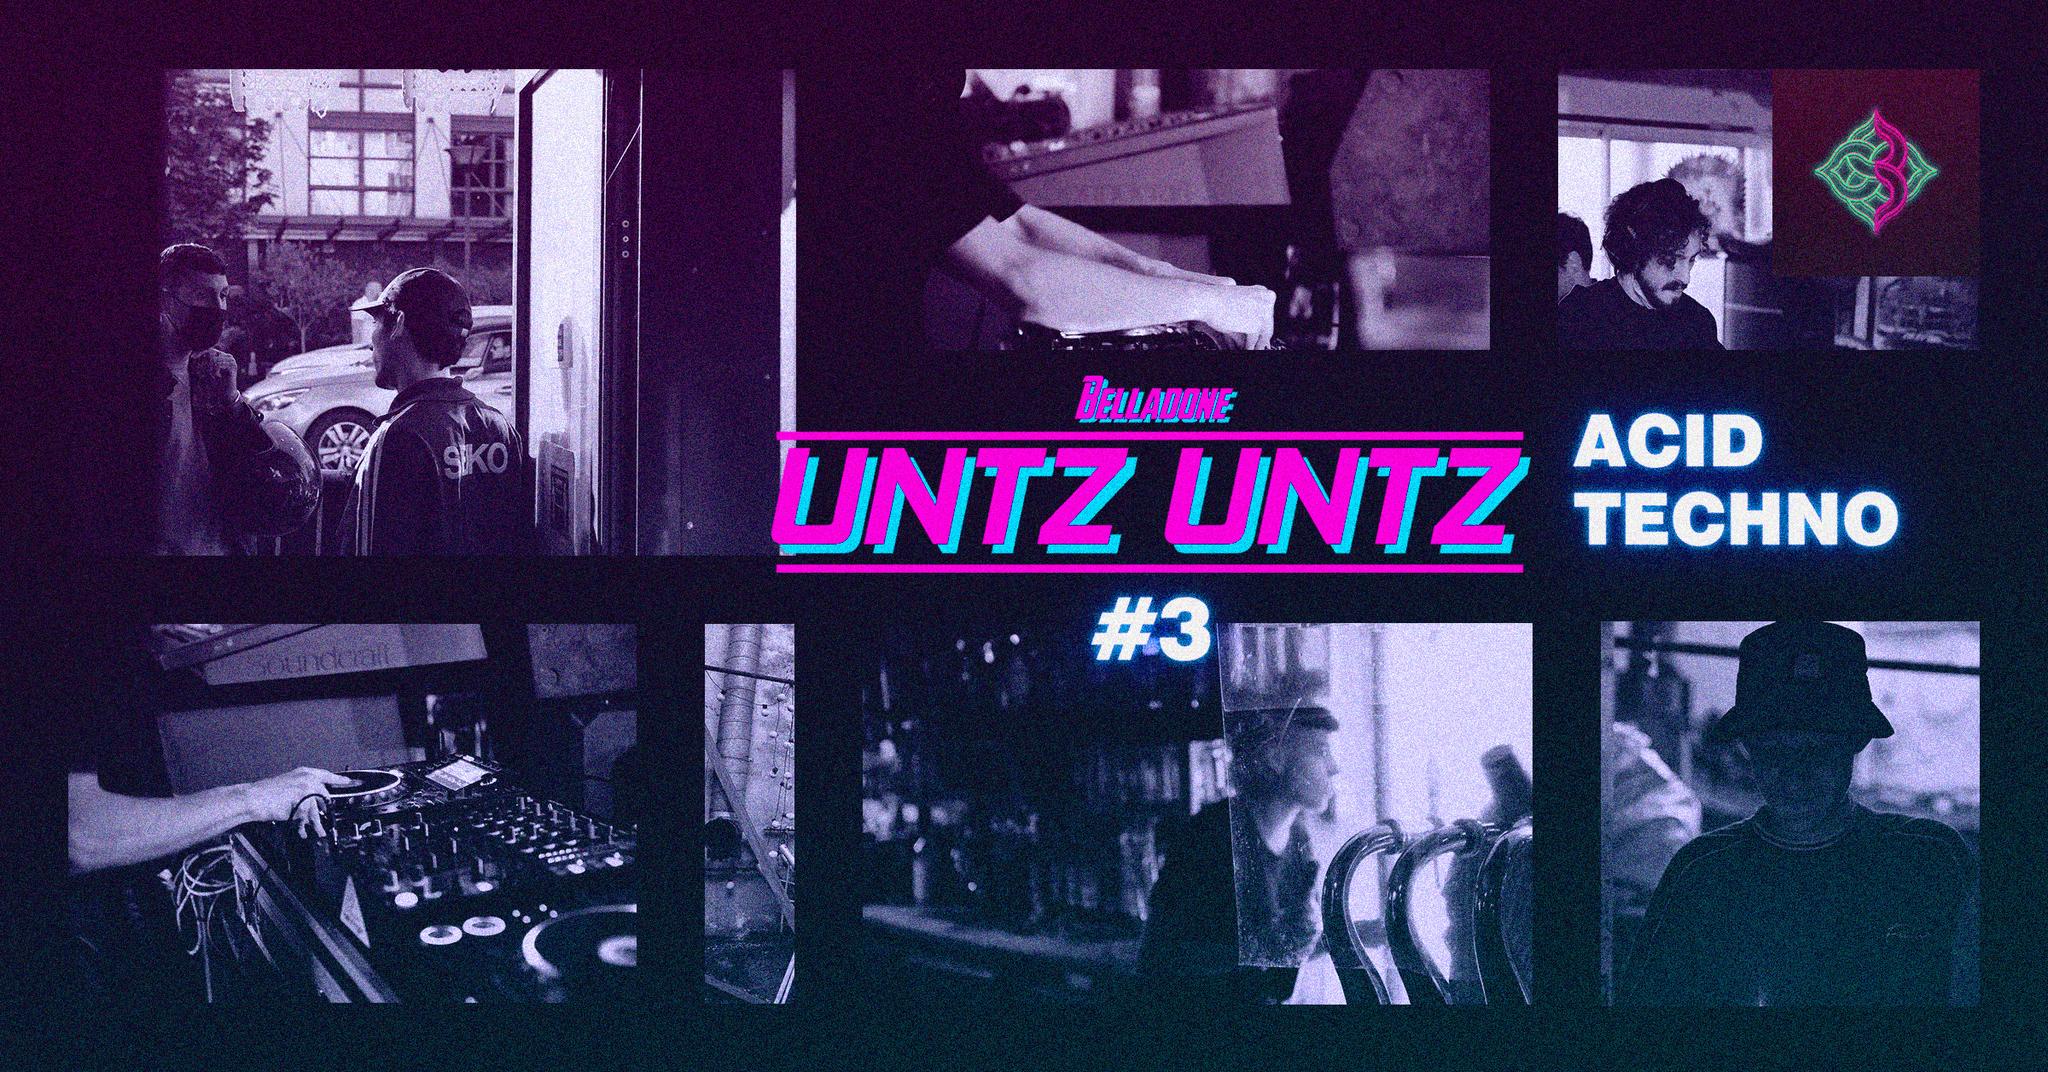 ___ untz untz #3 ___